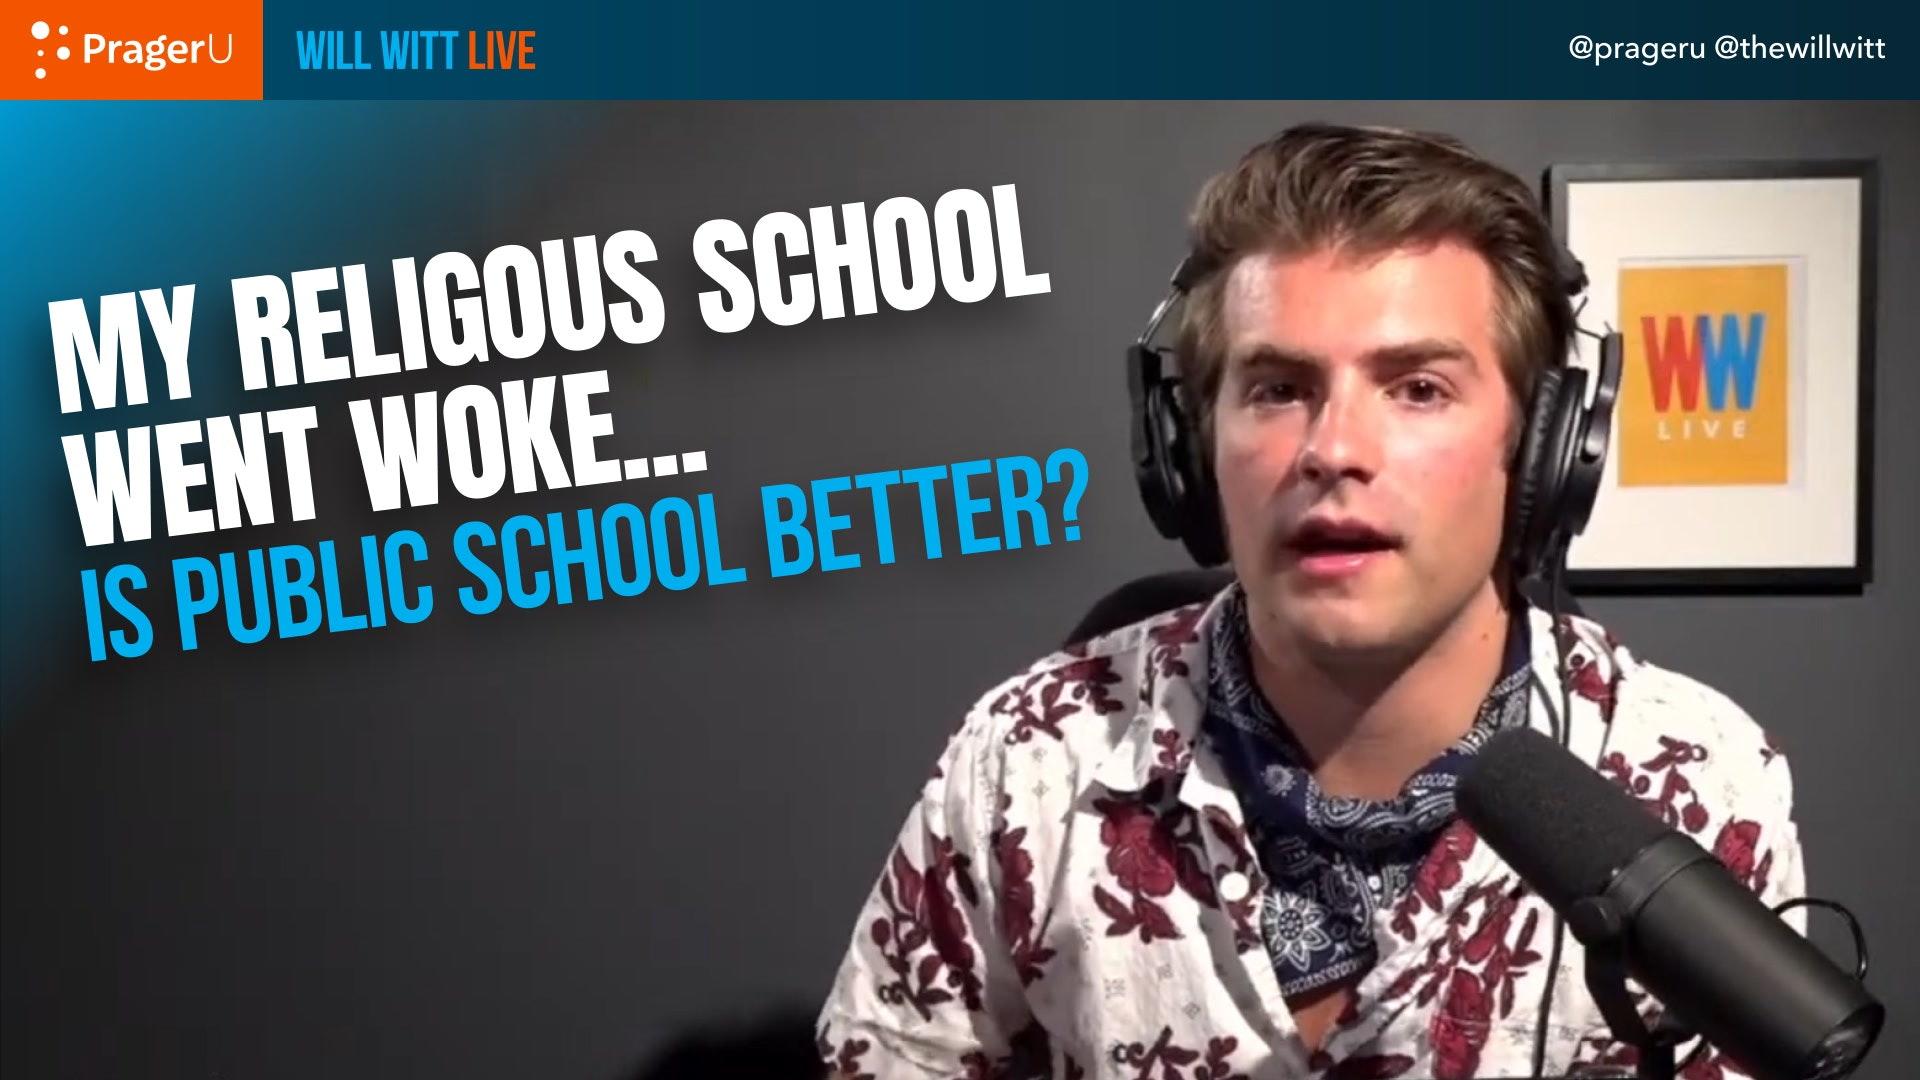 My Religious School Went Woke... Is Public School Better?